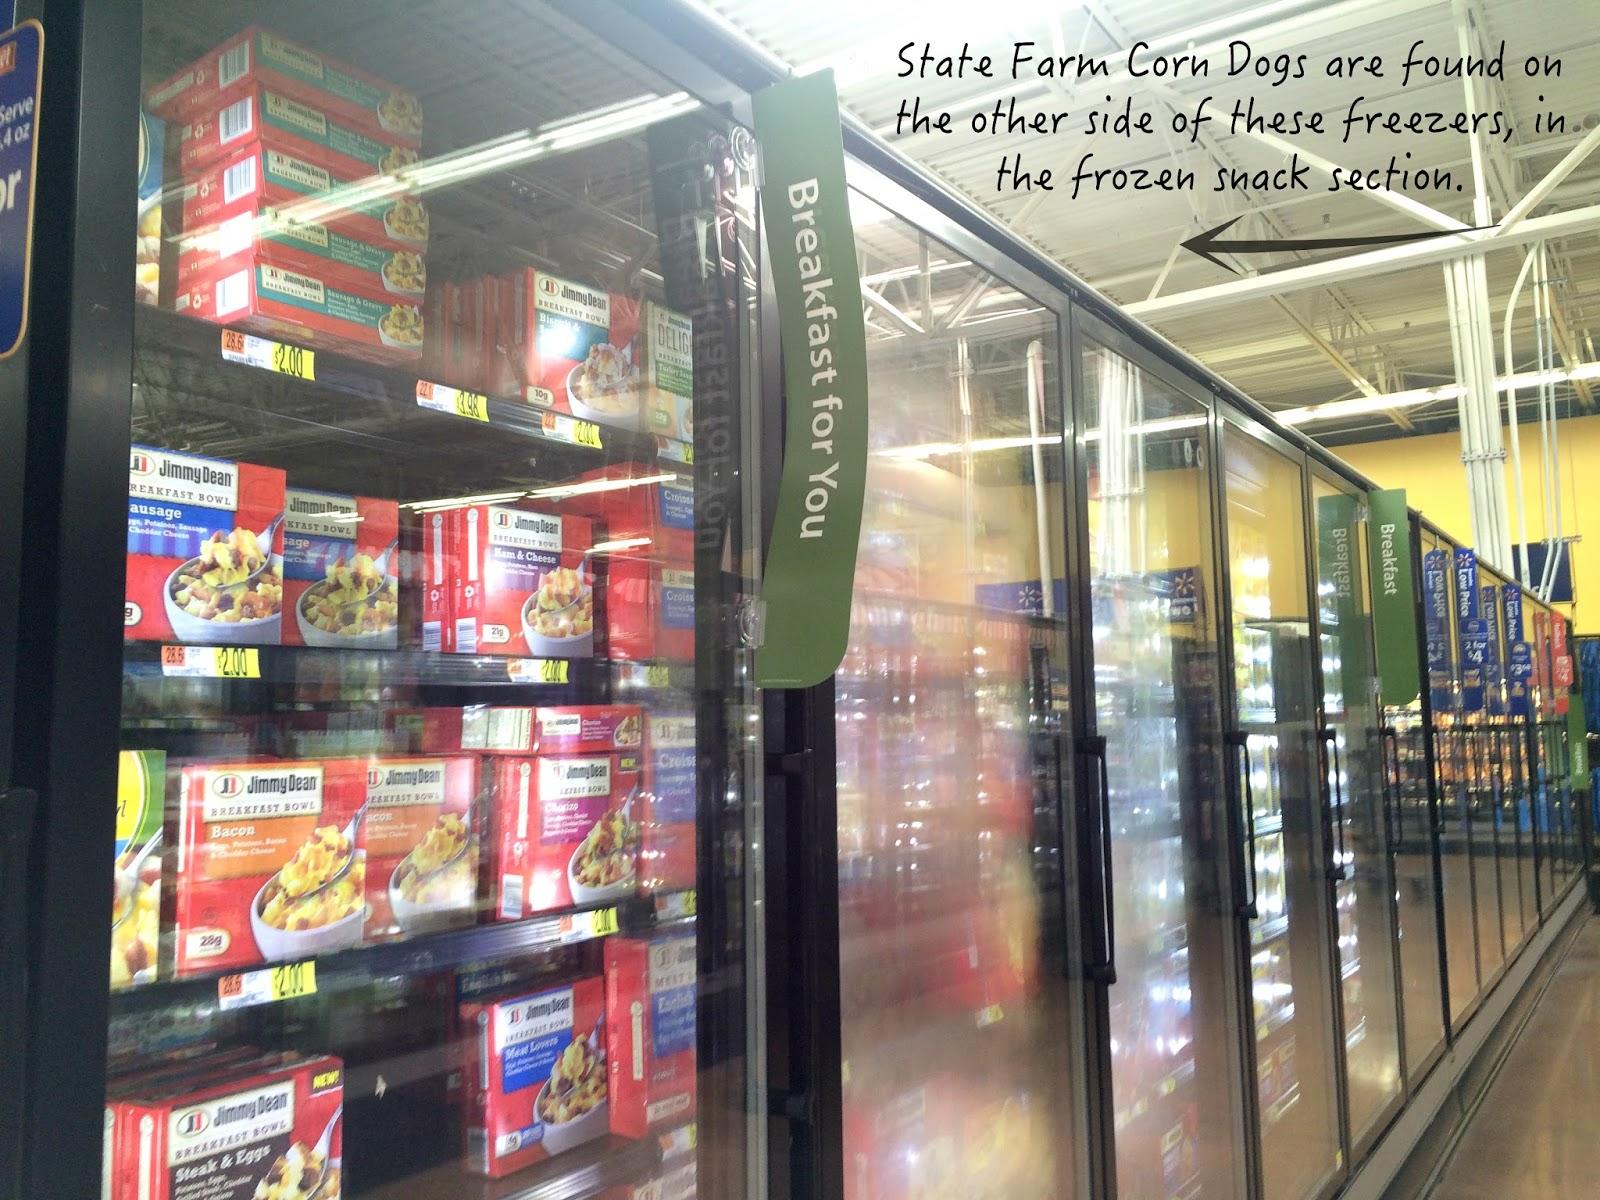 Tips for creating an easy school routine - Jimmy Dean breakfast sandwiches #FuelforSchool Walmart